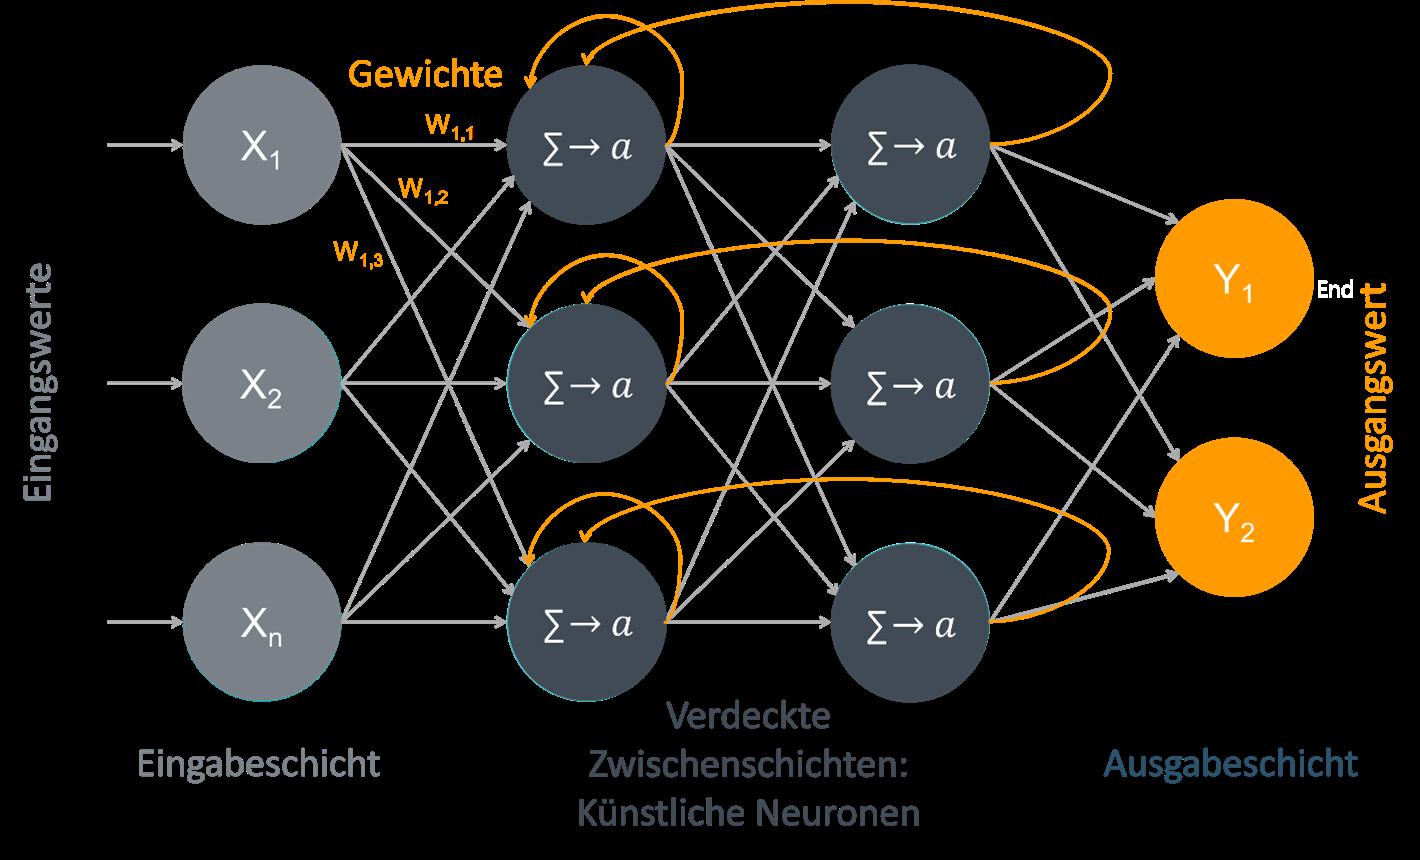 Künstliche neuronale Netze als Technik des maschinellen Lernens